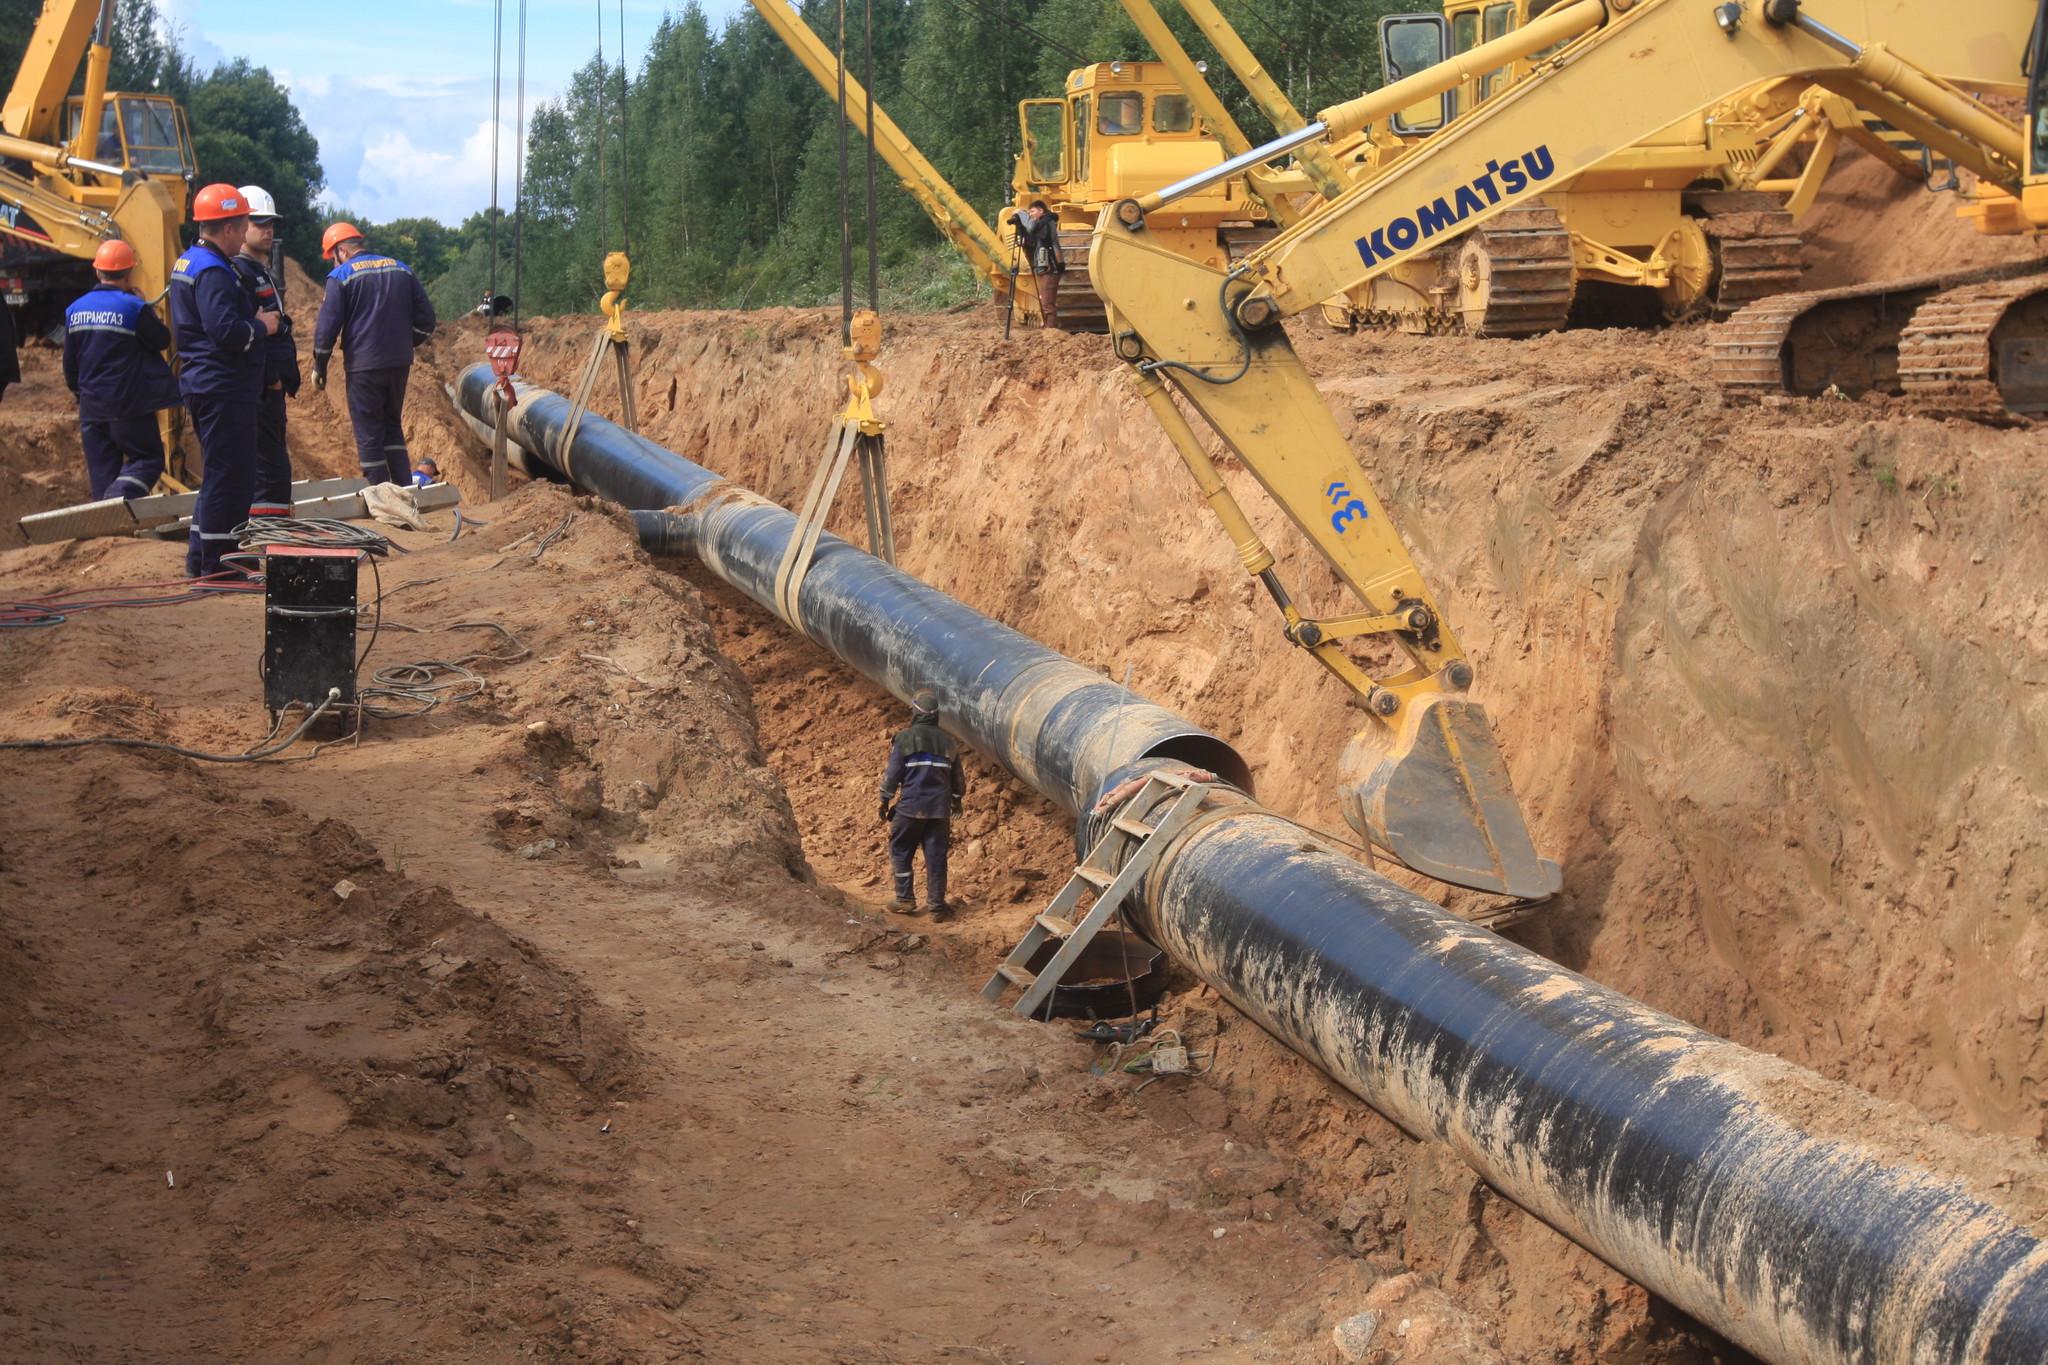 картинки при строительстве газопровода некрасивые возрастные